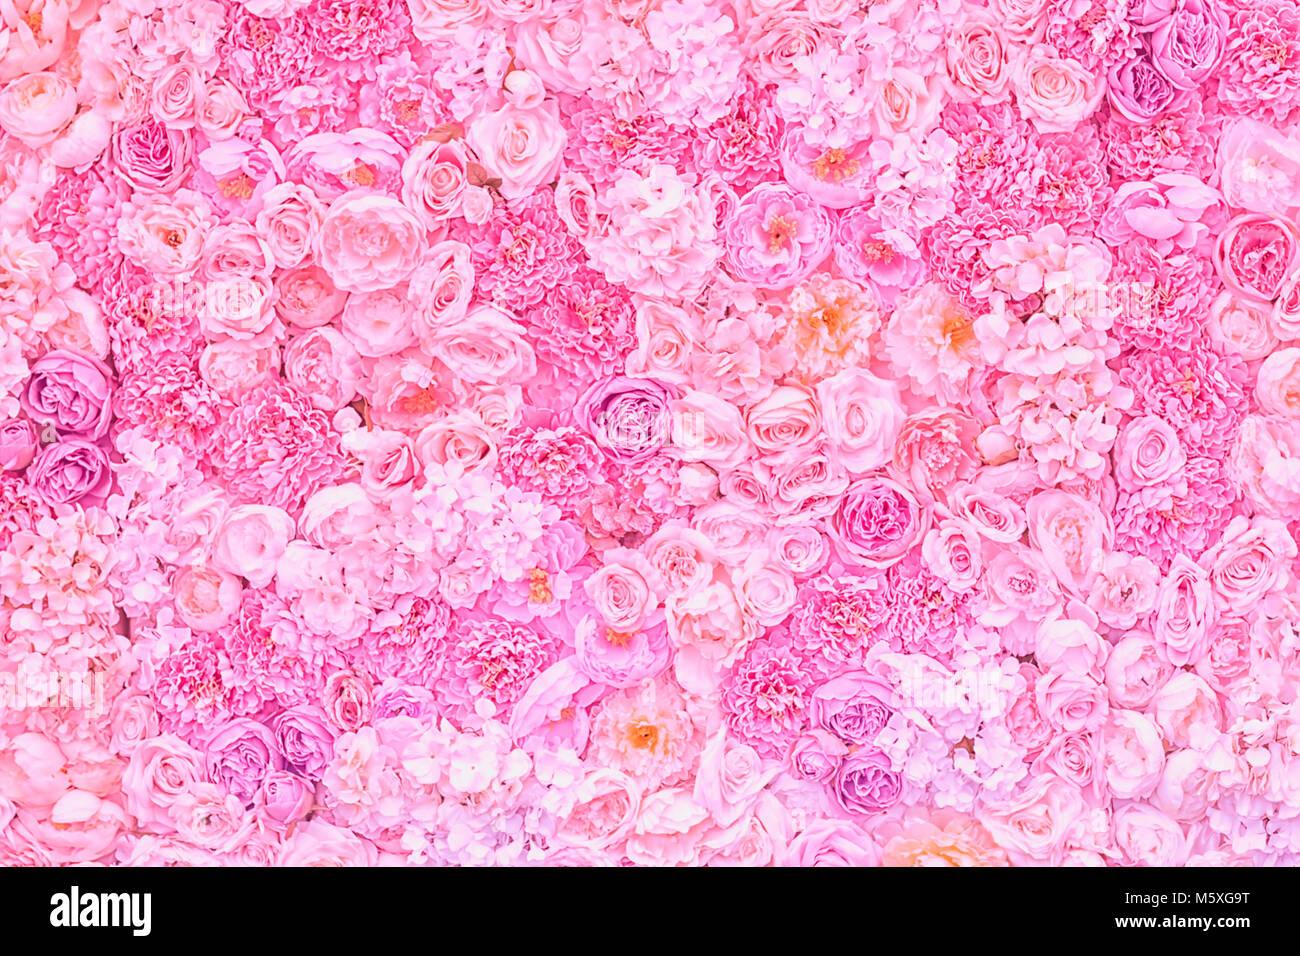 rose fleurs pastel arri re plan d coration de mariage fait main cadeau romantique pour la. Black Bedroom Furniture Sets. Home Design Ideas